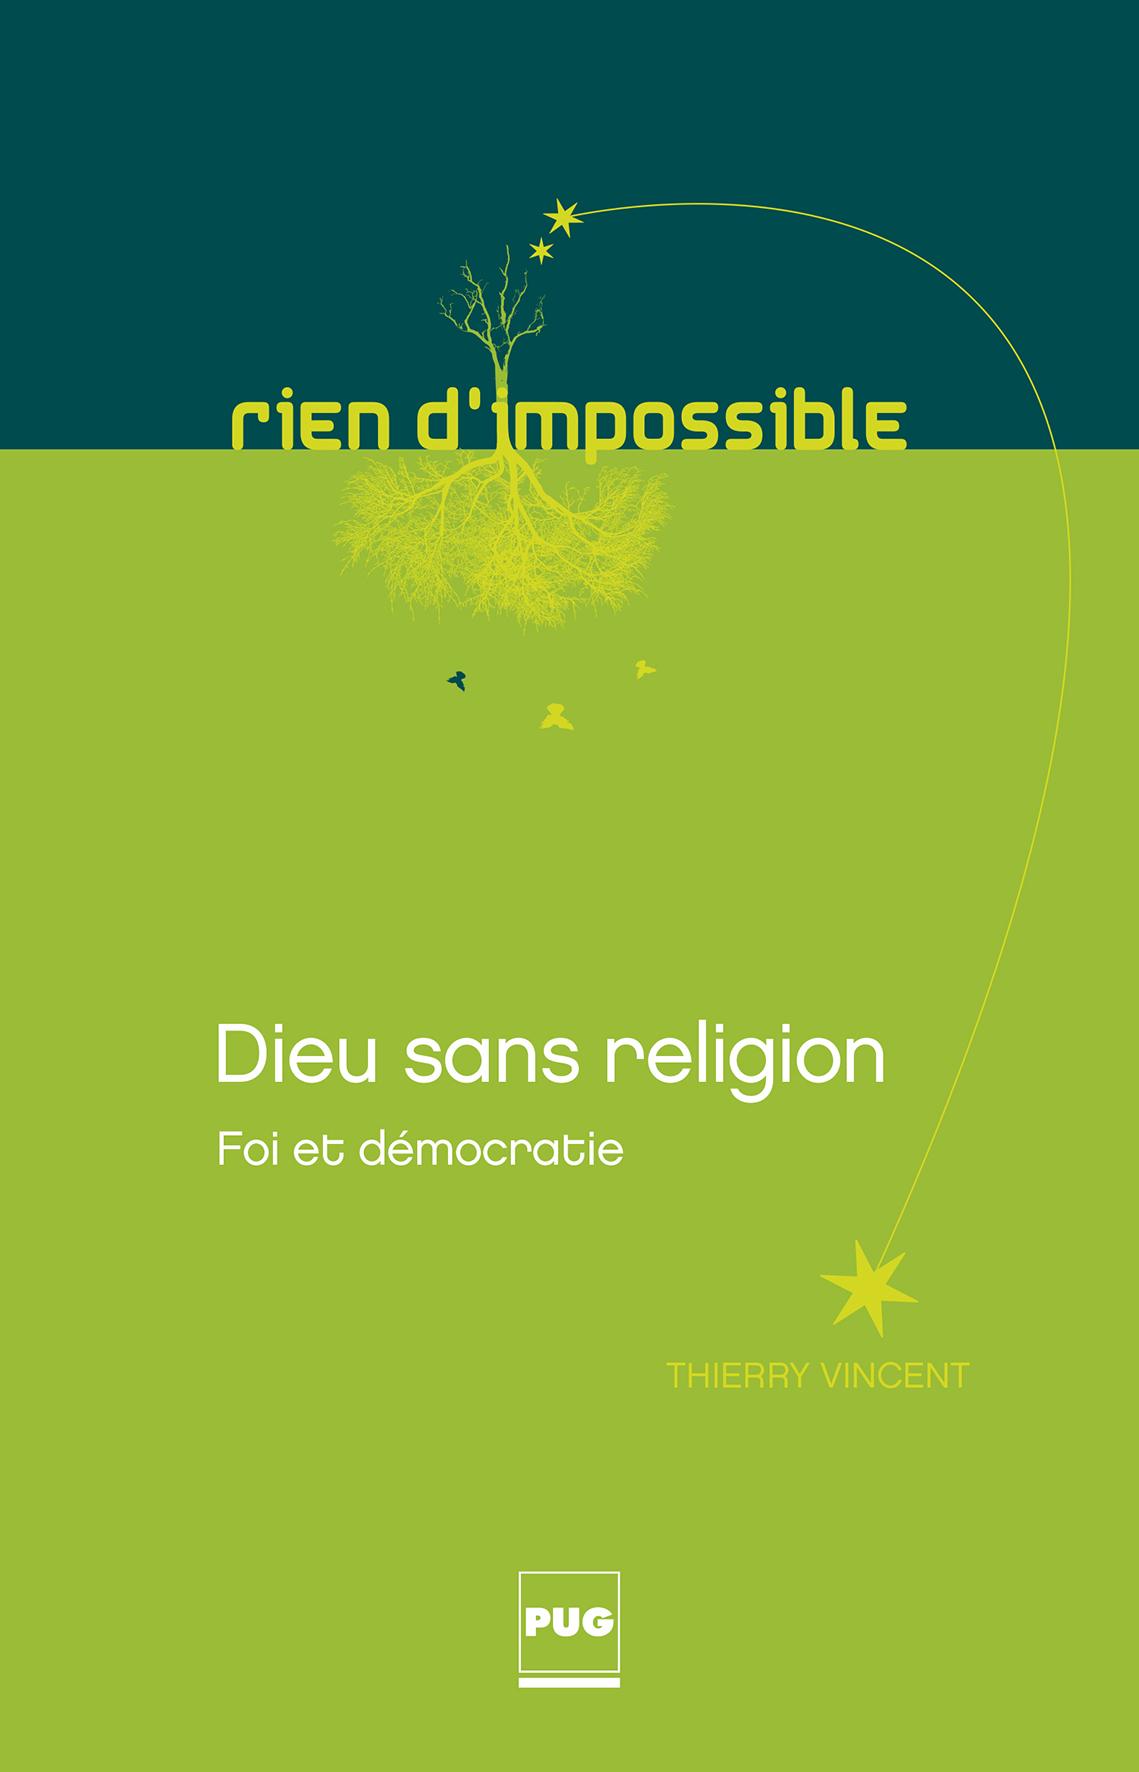 dieu sans religion - foi et d u00e9mocratie